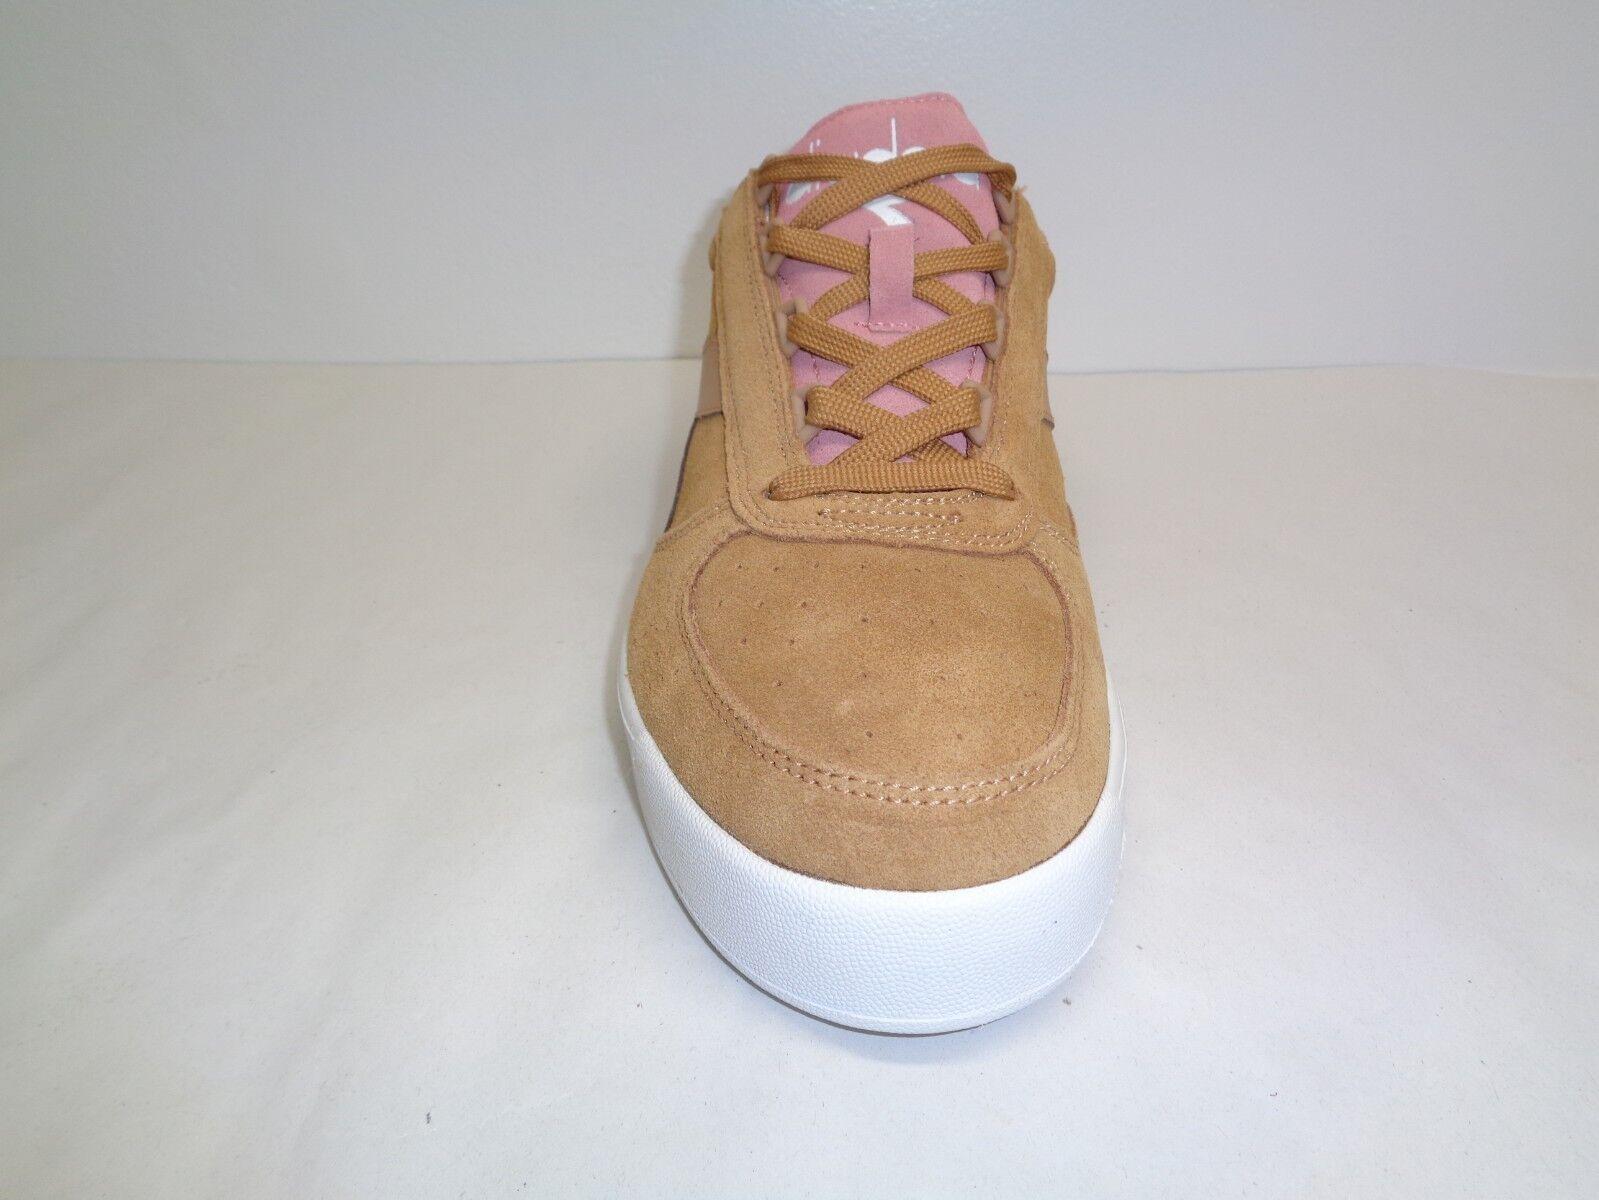 Diadora Tamaño 11.5 M B. ELITE DoE Gamuza Marrón Melocotón Melocotón Marrón Perla Zapatillas nuevo Zapatos para hombre 47b7d9